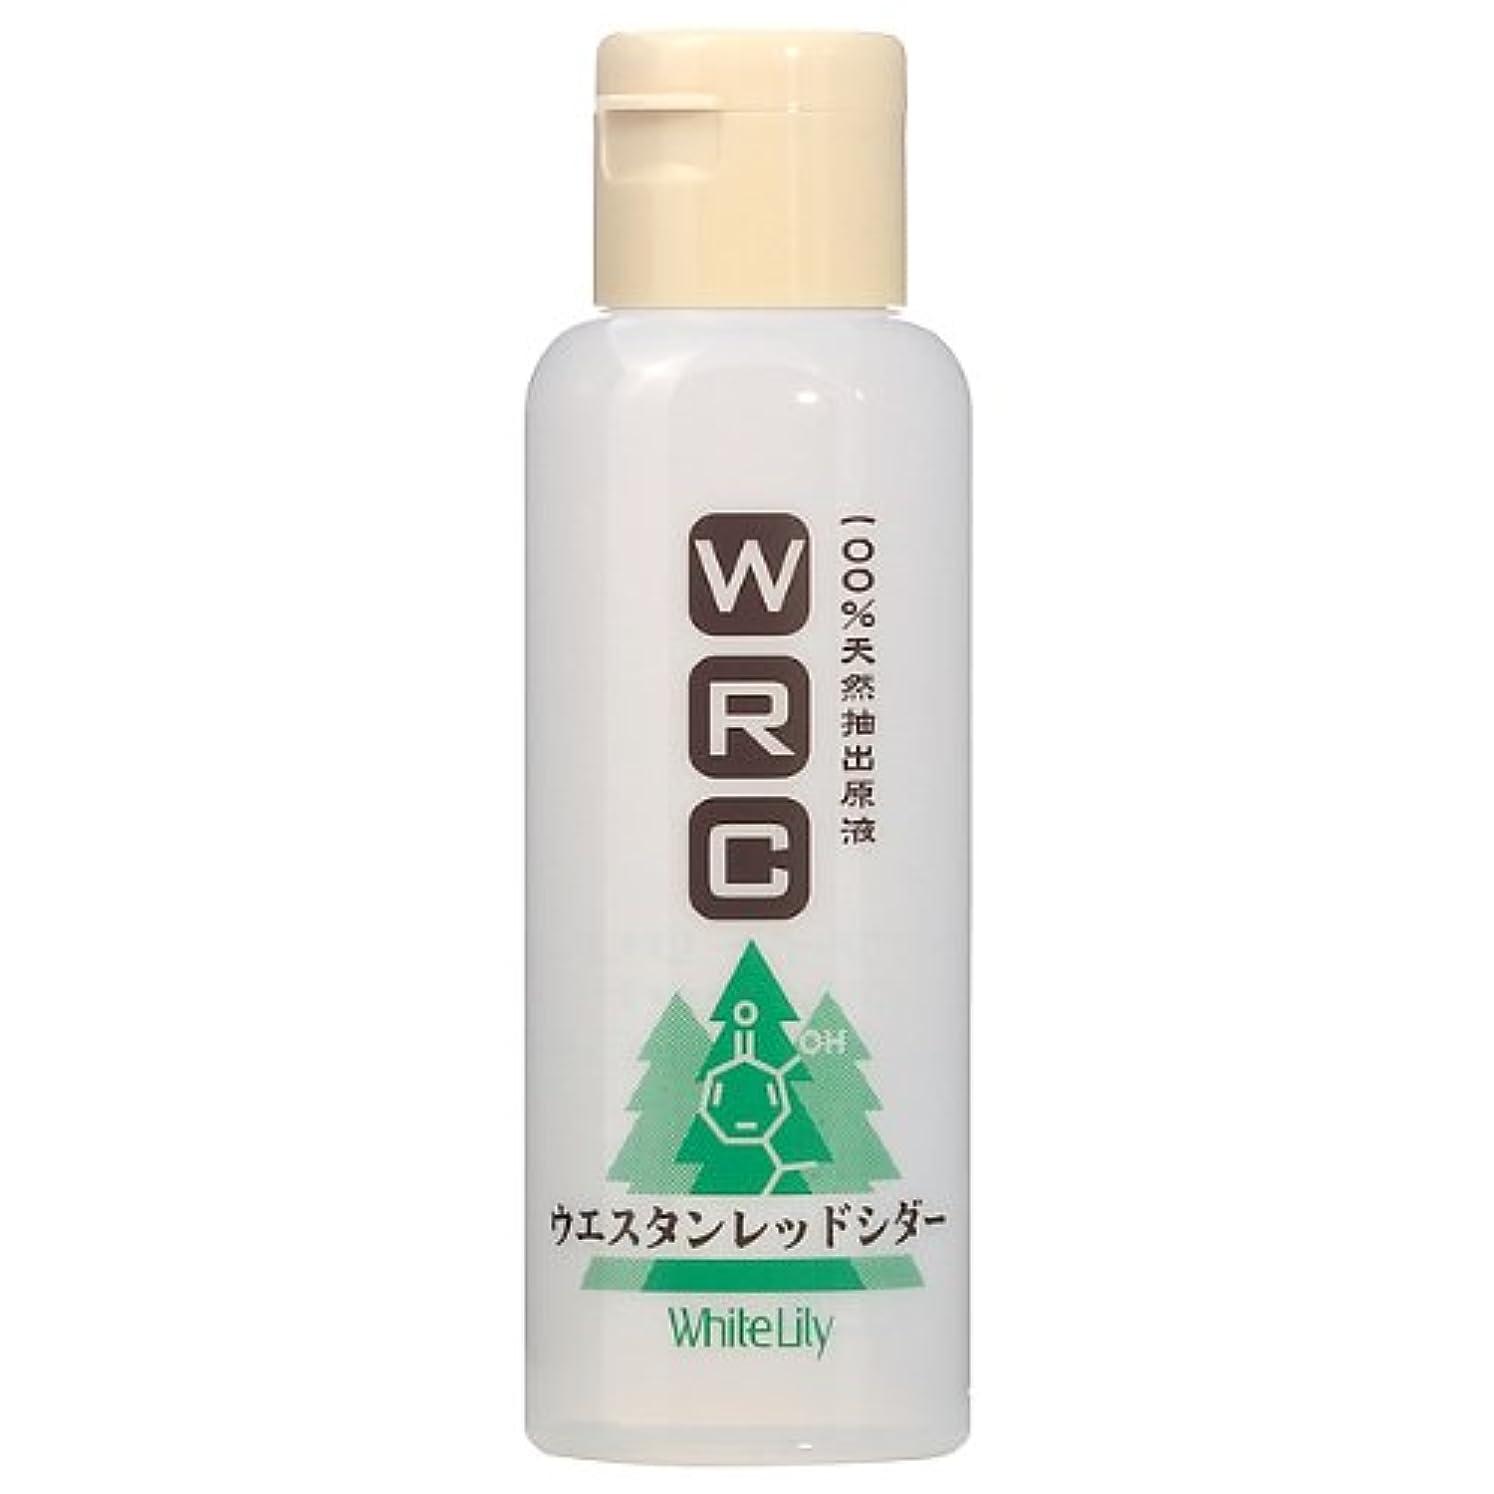 レクリエーションクローゼットマイルホワイトリリー ウエスタンレッドシダー 110mL 化粧水